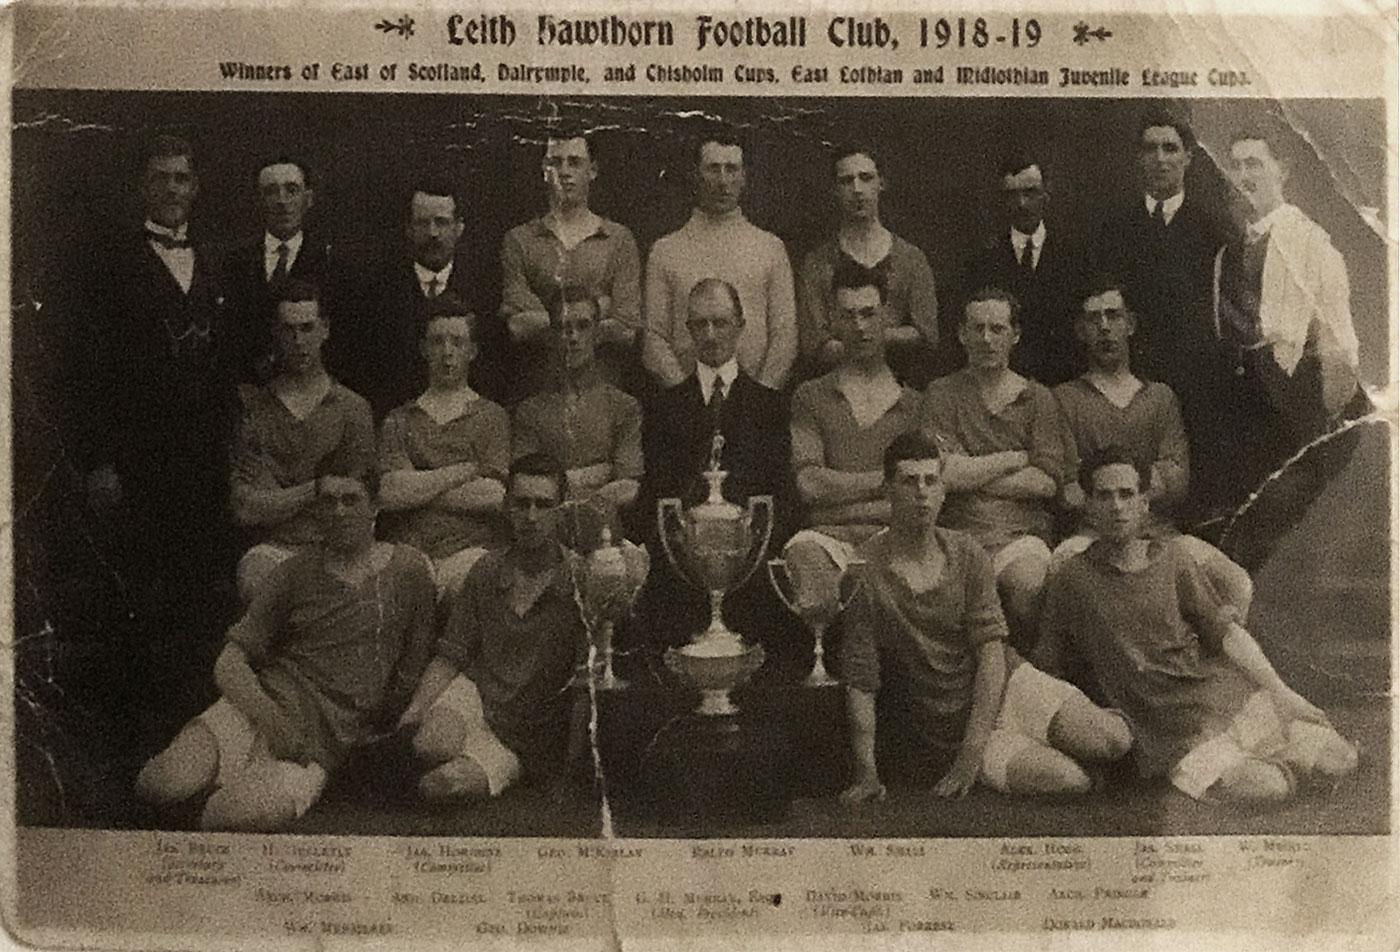 Leith Hawthorn Football Club, 1918-19